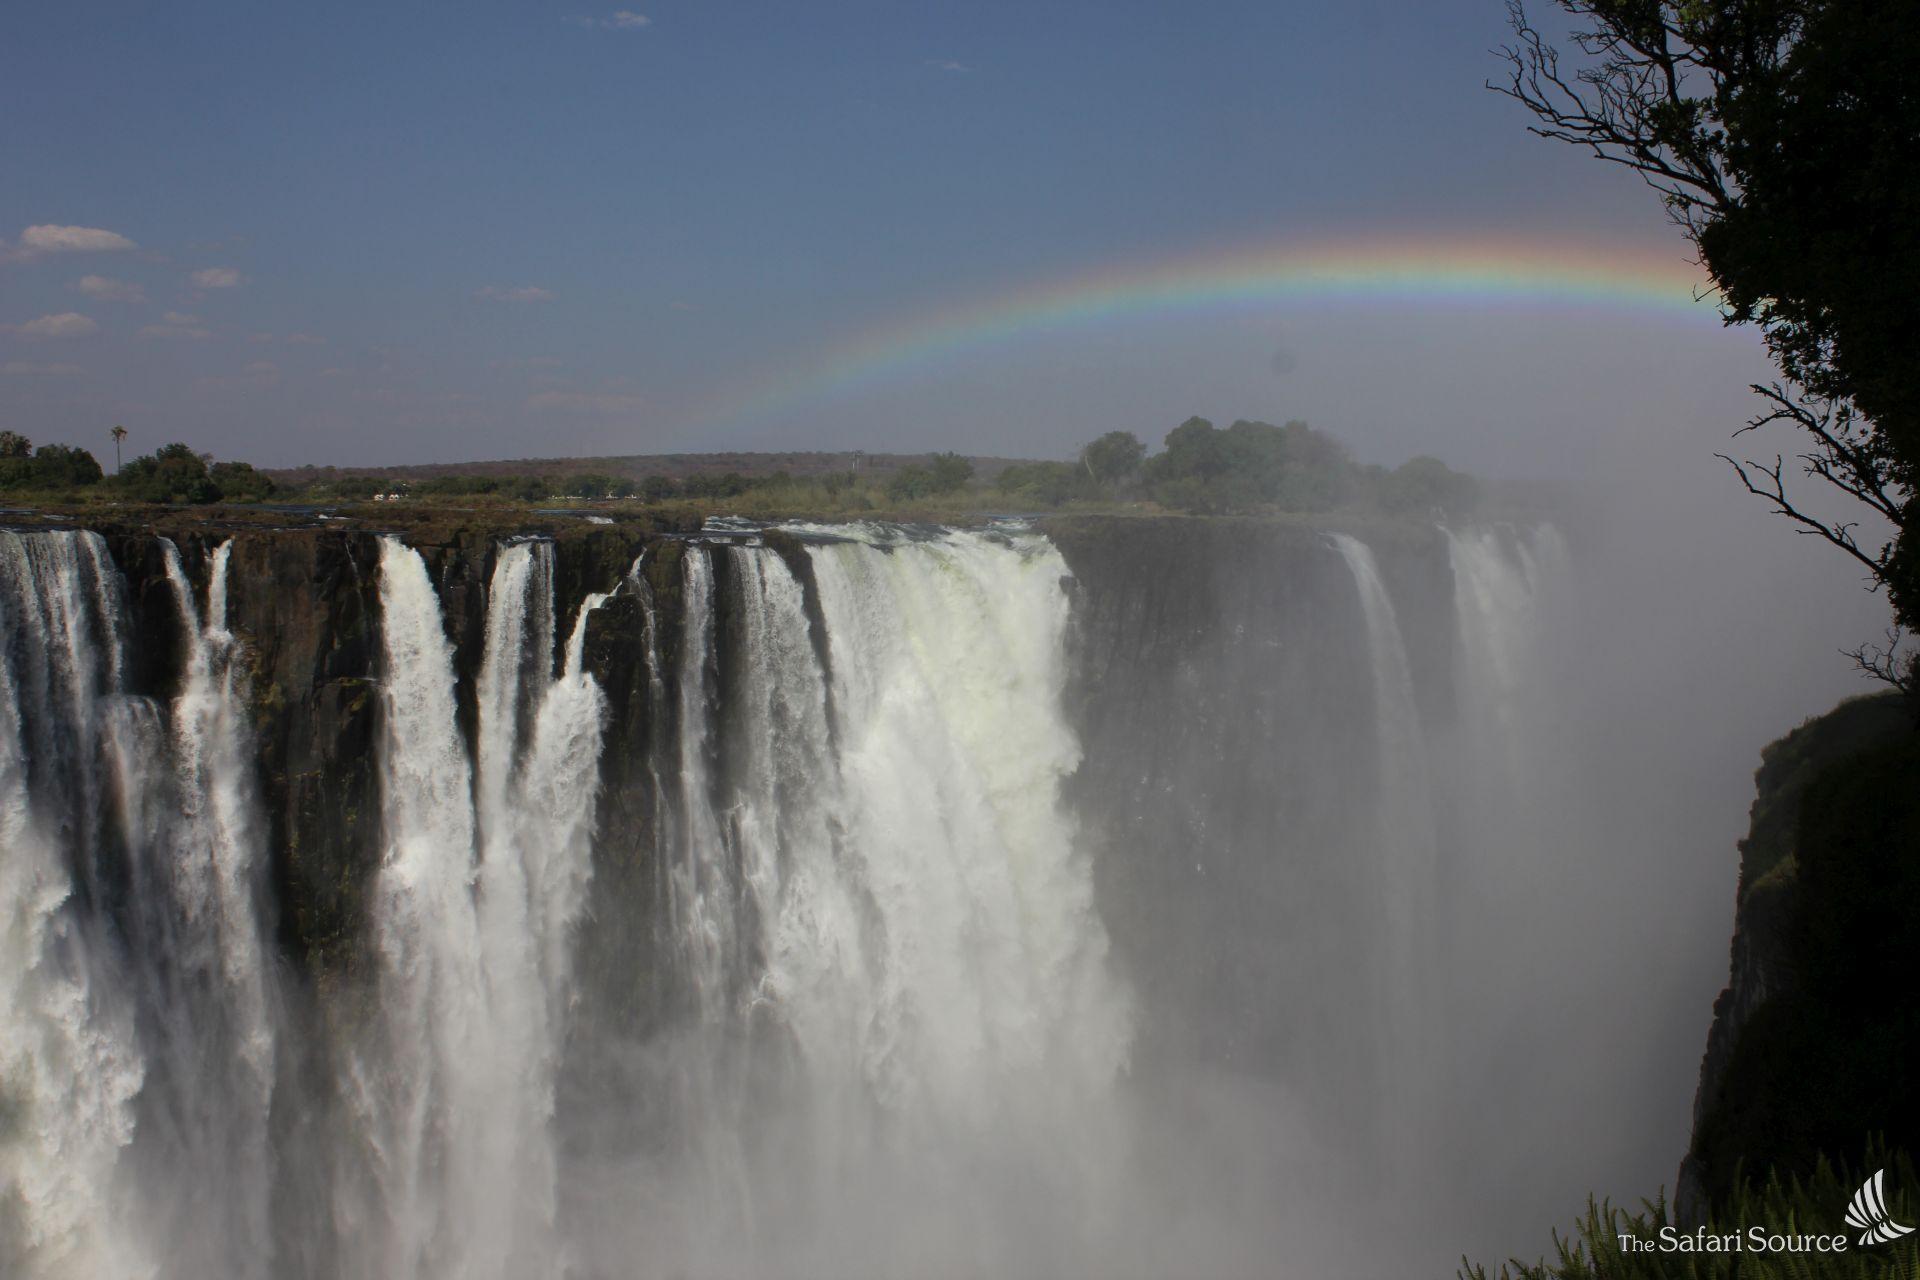 Victoria Falls Main Falls, Zimbabwe, Zambia, One of the natural World Wonders, the world's largest waterfalls, rainbow, gorge, zambezi river.